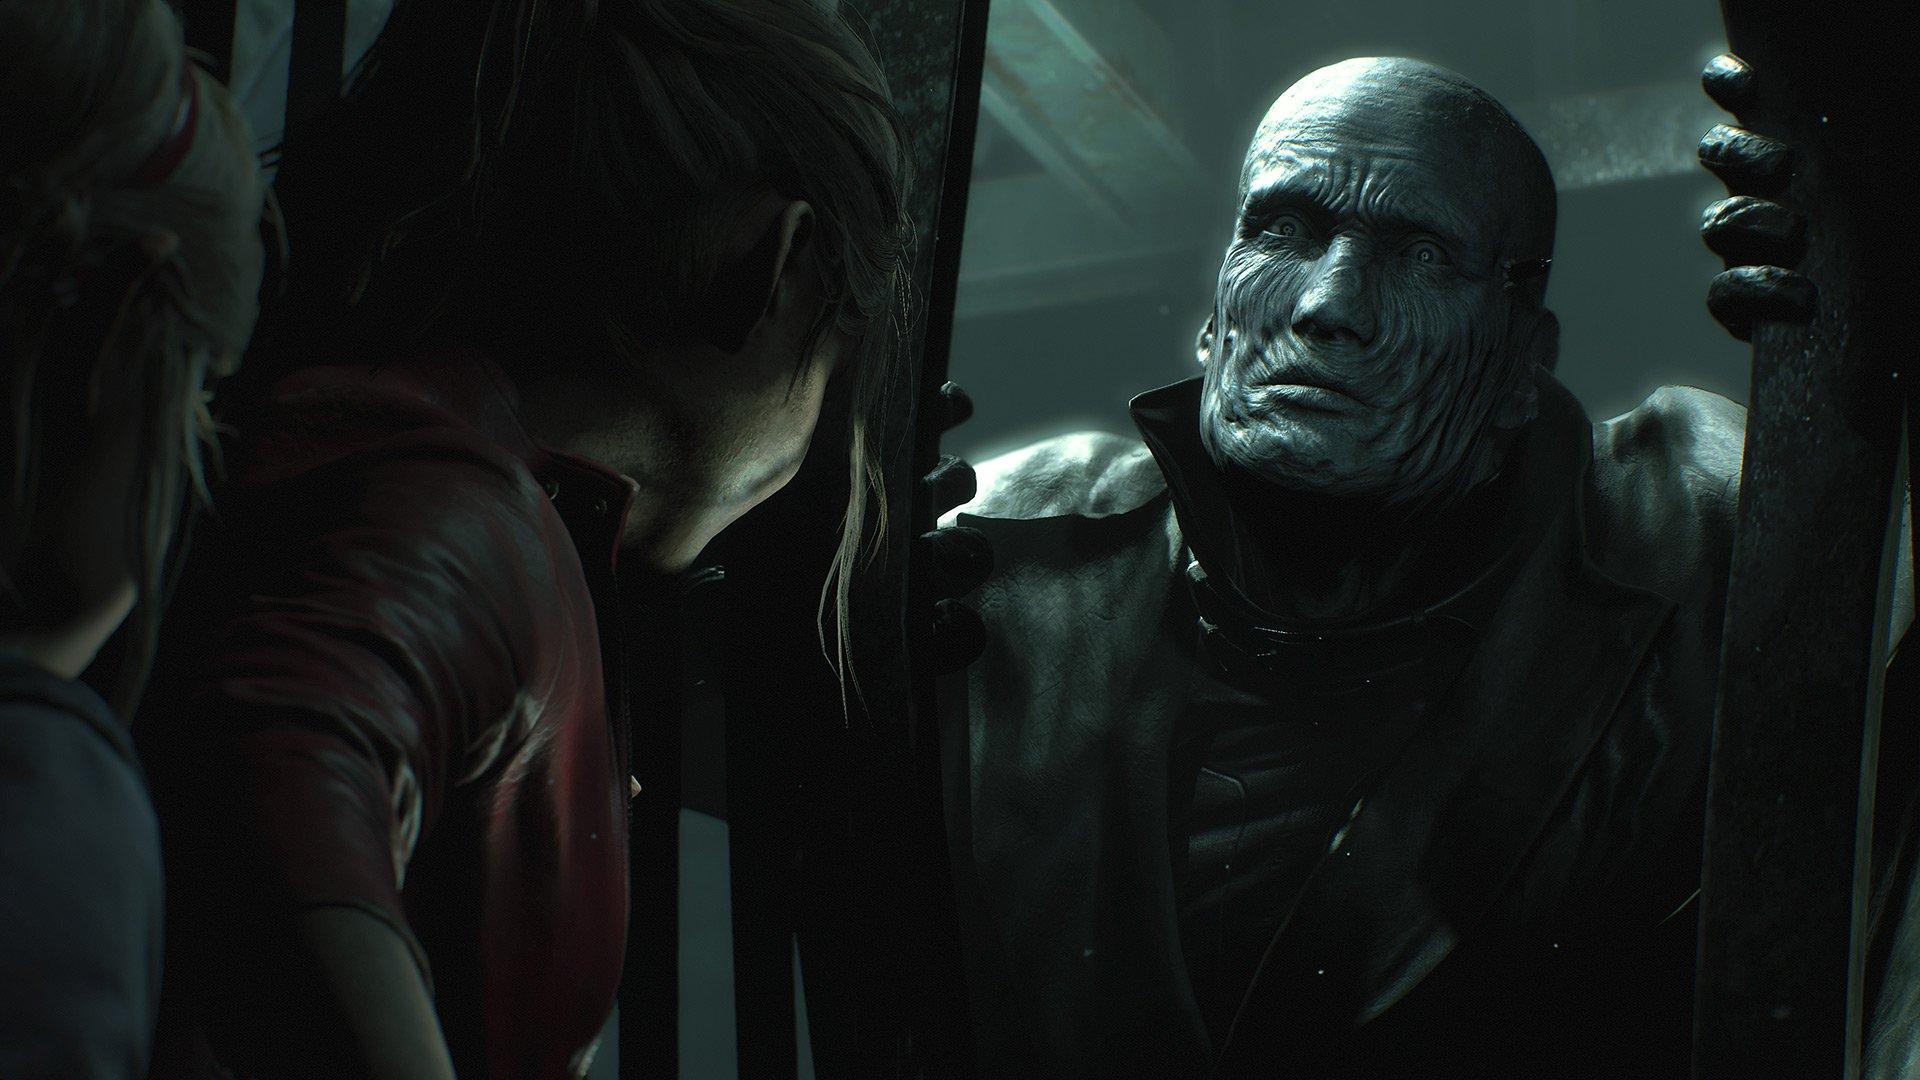 533771-mr-x-resident-evil-2-remake.jpg